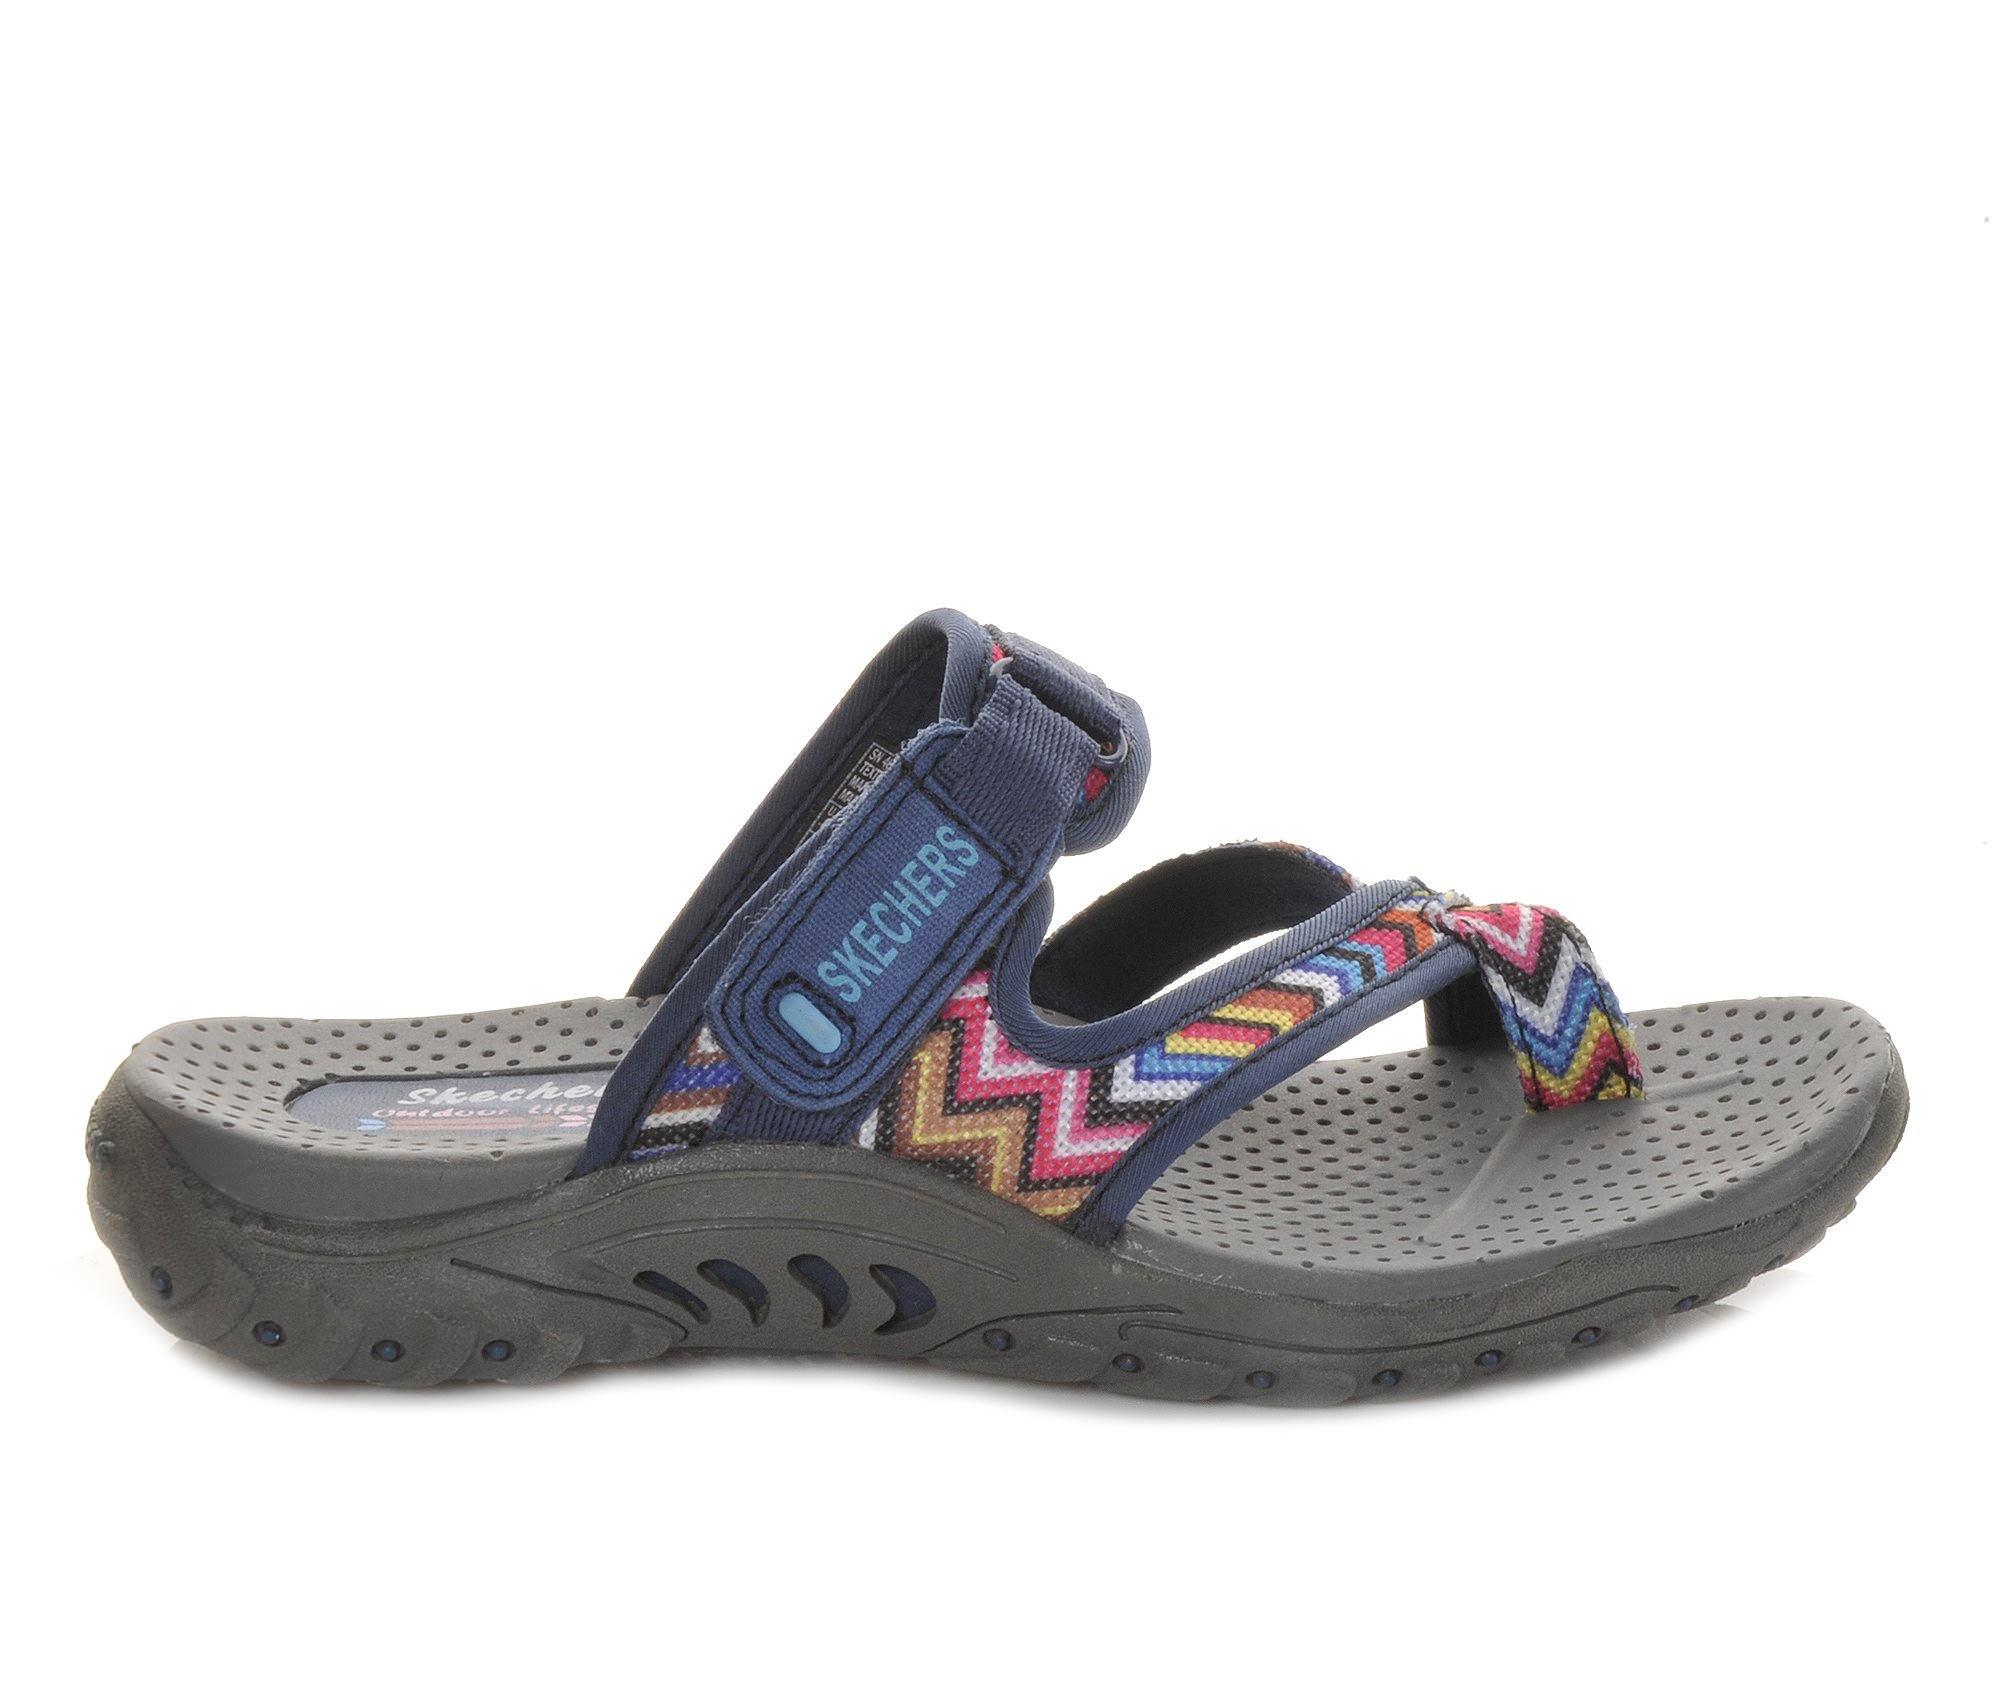 Women's Skechers Zig Swag 48228 Sandals (Multicolor)